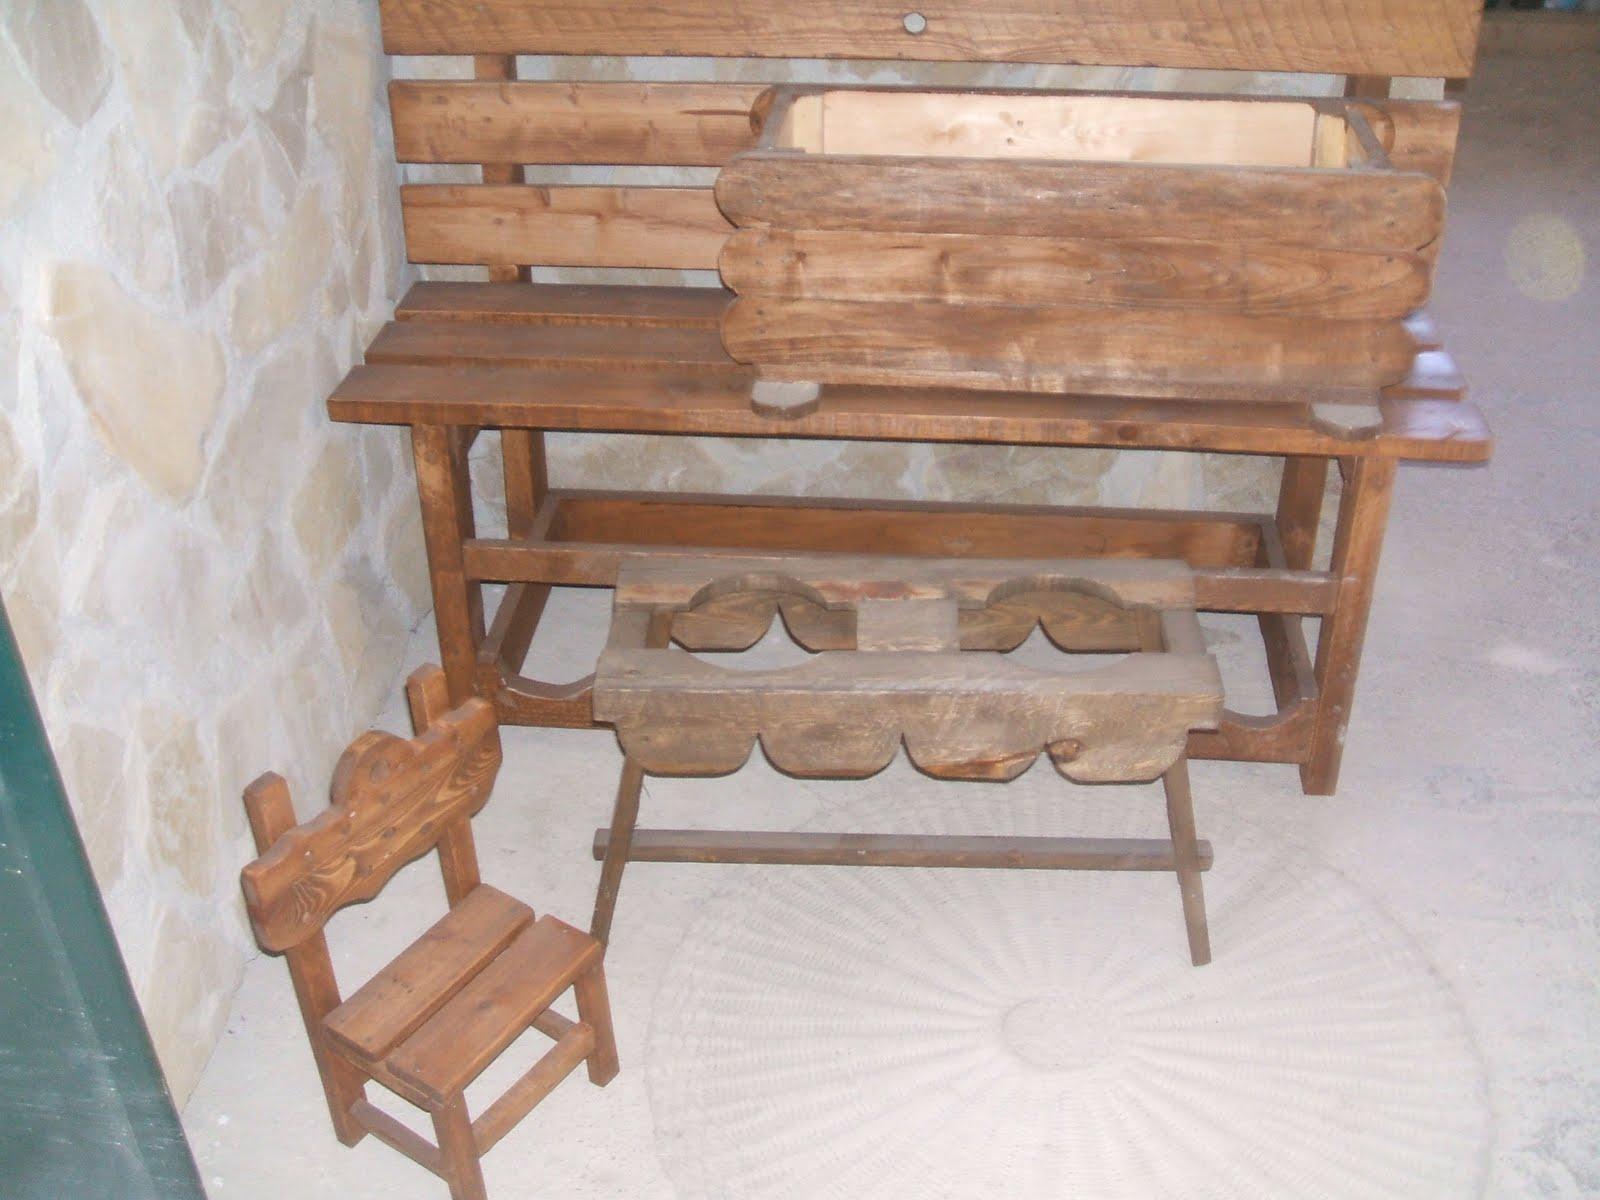 manuel palet de madera estos son mis trabajos con palet de madera espero que os guste